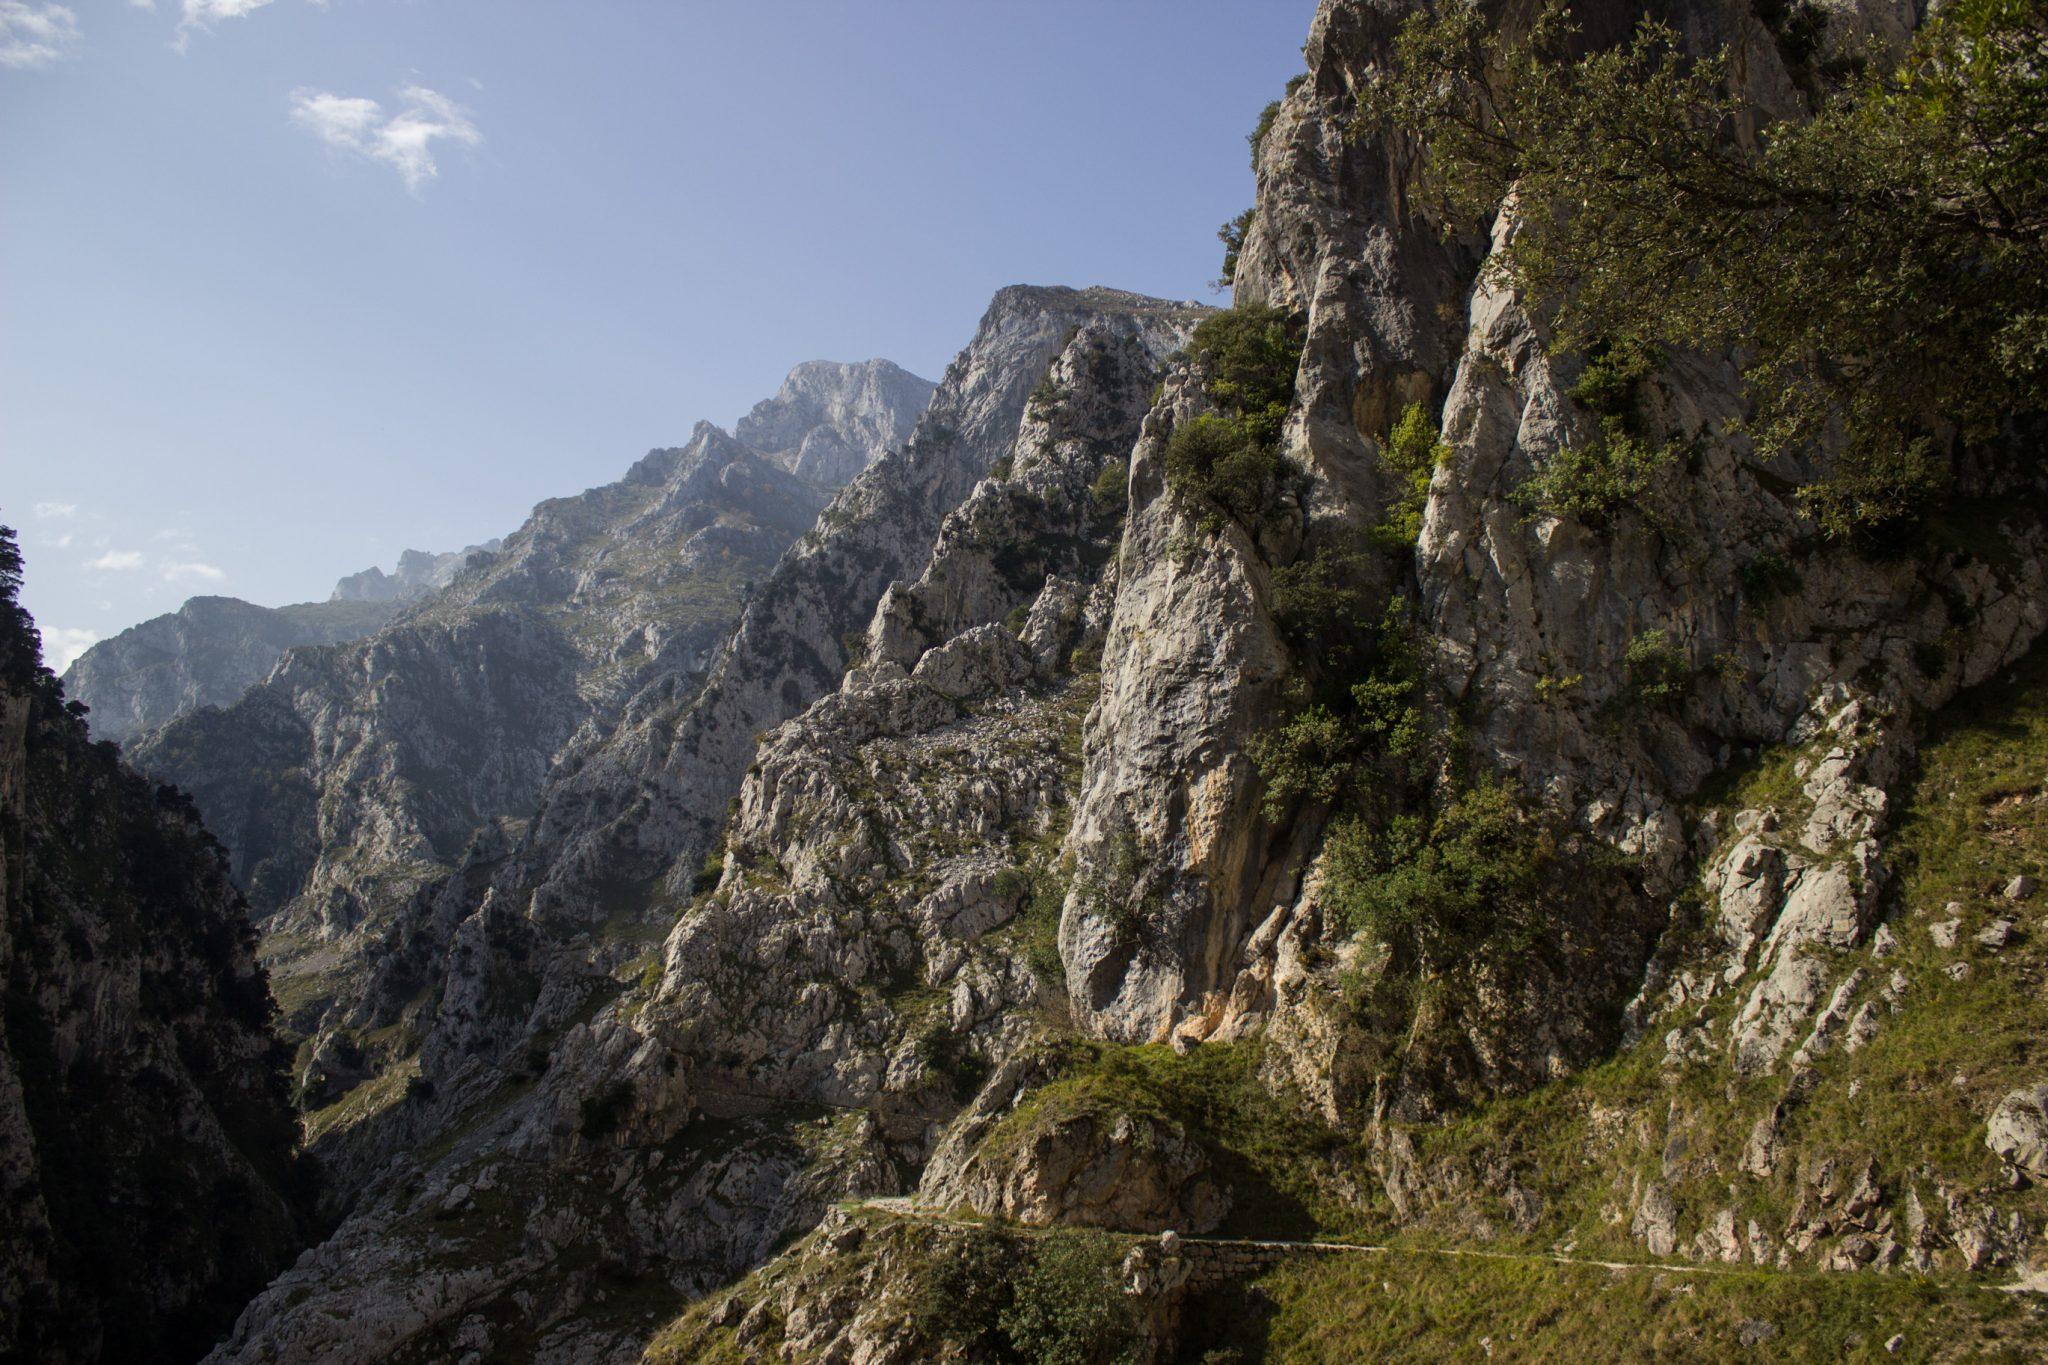 Ruta del Cares wandern in den Picos de Europa, Wanderung durch die göttliche Schlucht im Nationalpark Picos de Europa im Norden von Spanien, schmaler Wanderweg durch die Schlucht im Cares Tal, atemberaubende und abwechslungsreiche Aussicht, steile Felswände, tiefe Schlucht mit Fluss Cares